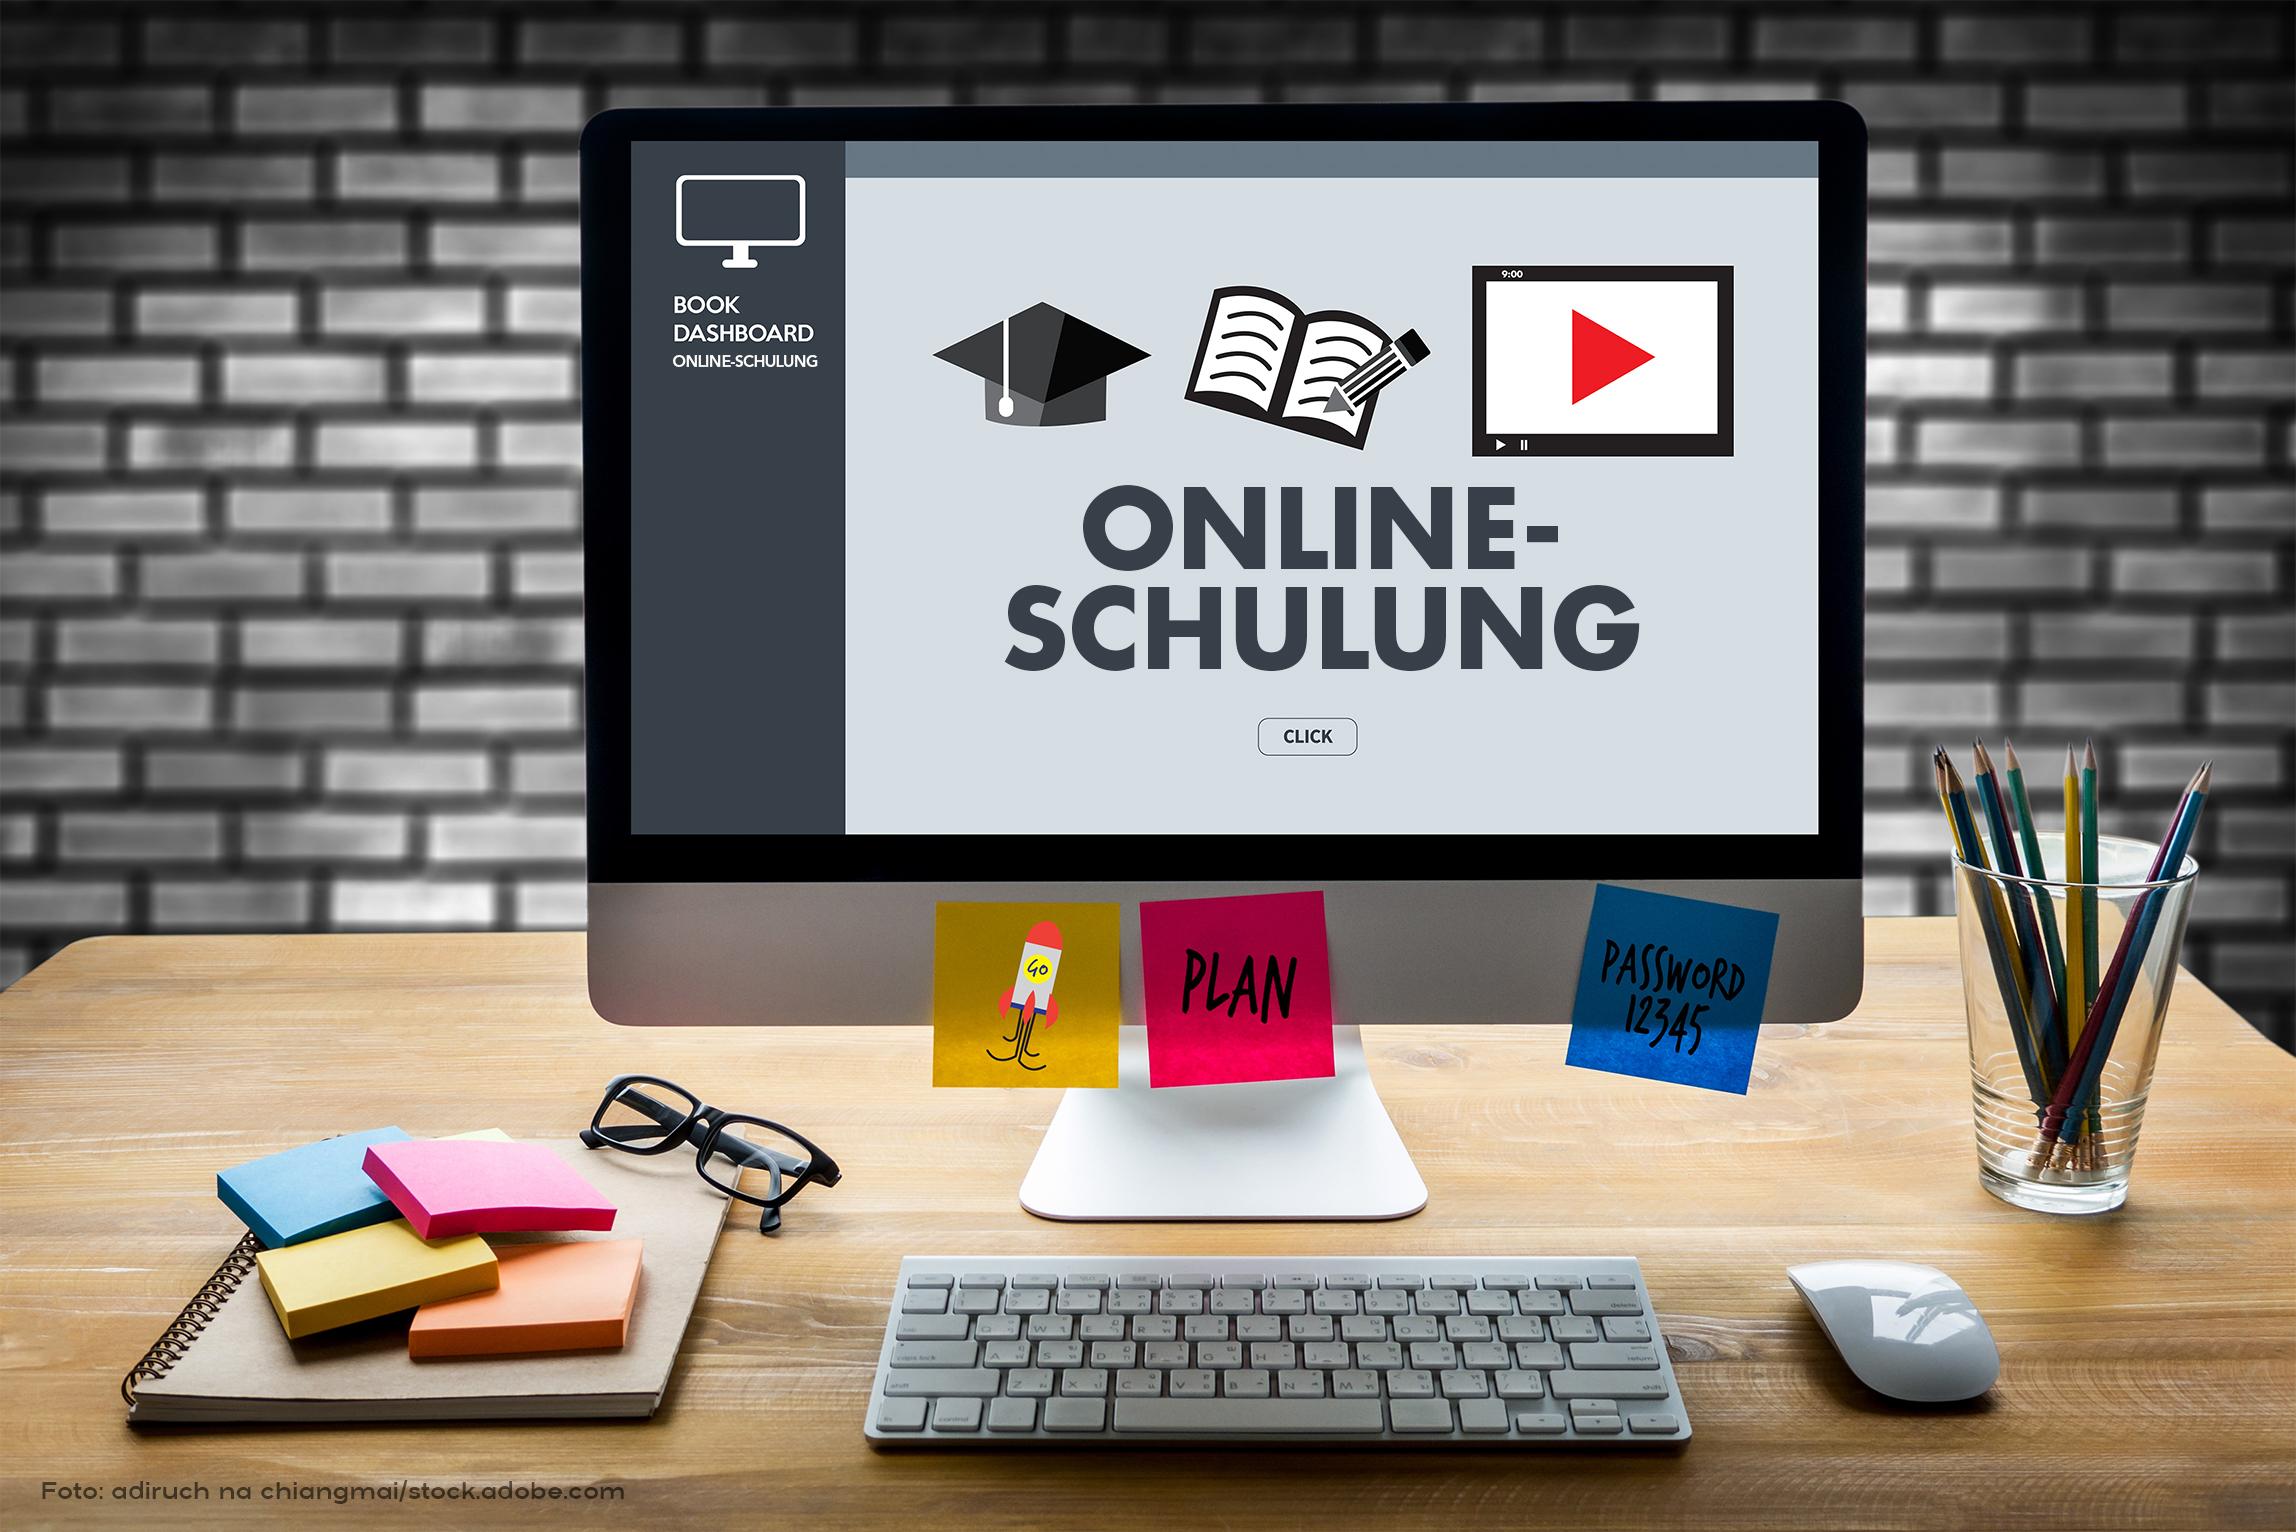 Online-Schulung: Datenschutz International